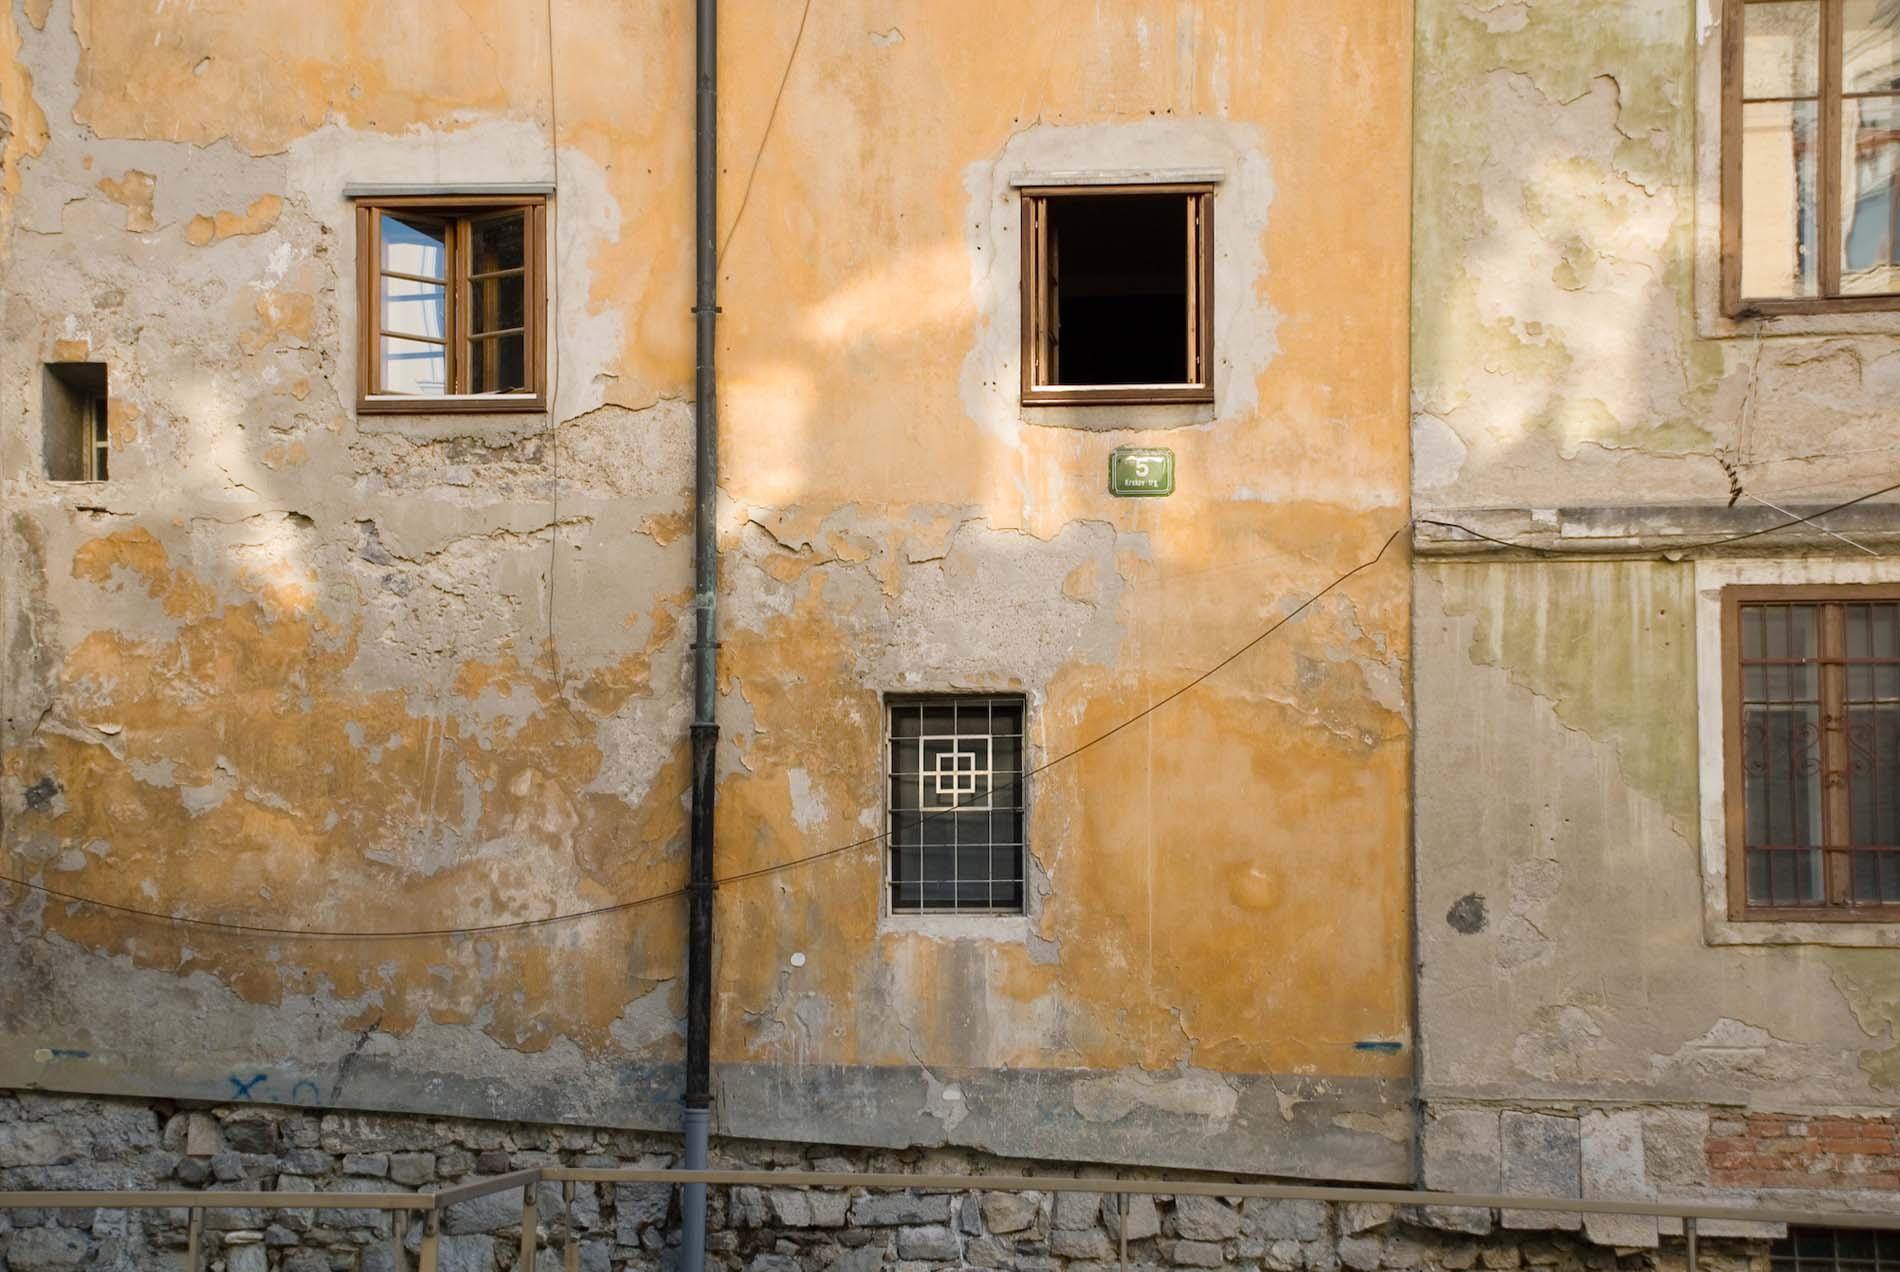 Historisch. Die Wurzeln Ljubljanas reichen bis 3.600 vor Christus. Die Überreste der Römersiedlung Emona, die gut erhaltene Postkartenidylle der Altstadt und die mittelalterliche Burg auf dem Schlossberg sind die historischen Ankerpunkte der Stadt am Fluss Ljubljanica.